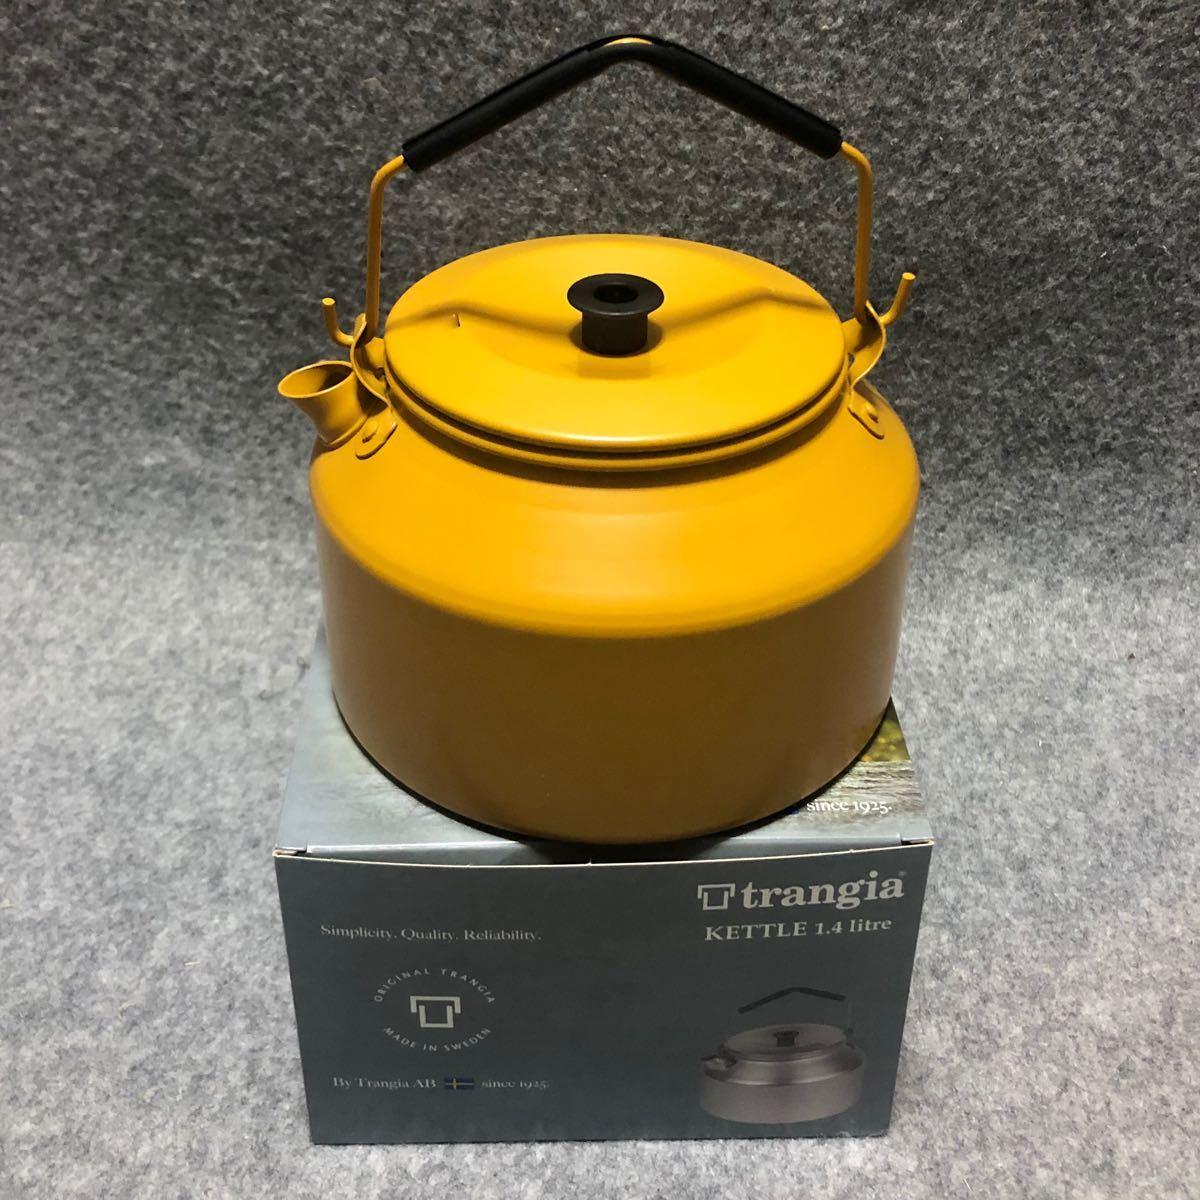 トランギア ケトル TR-245 1.4L GOLDEN YELLOW trangia